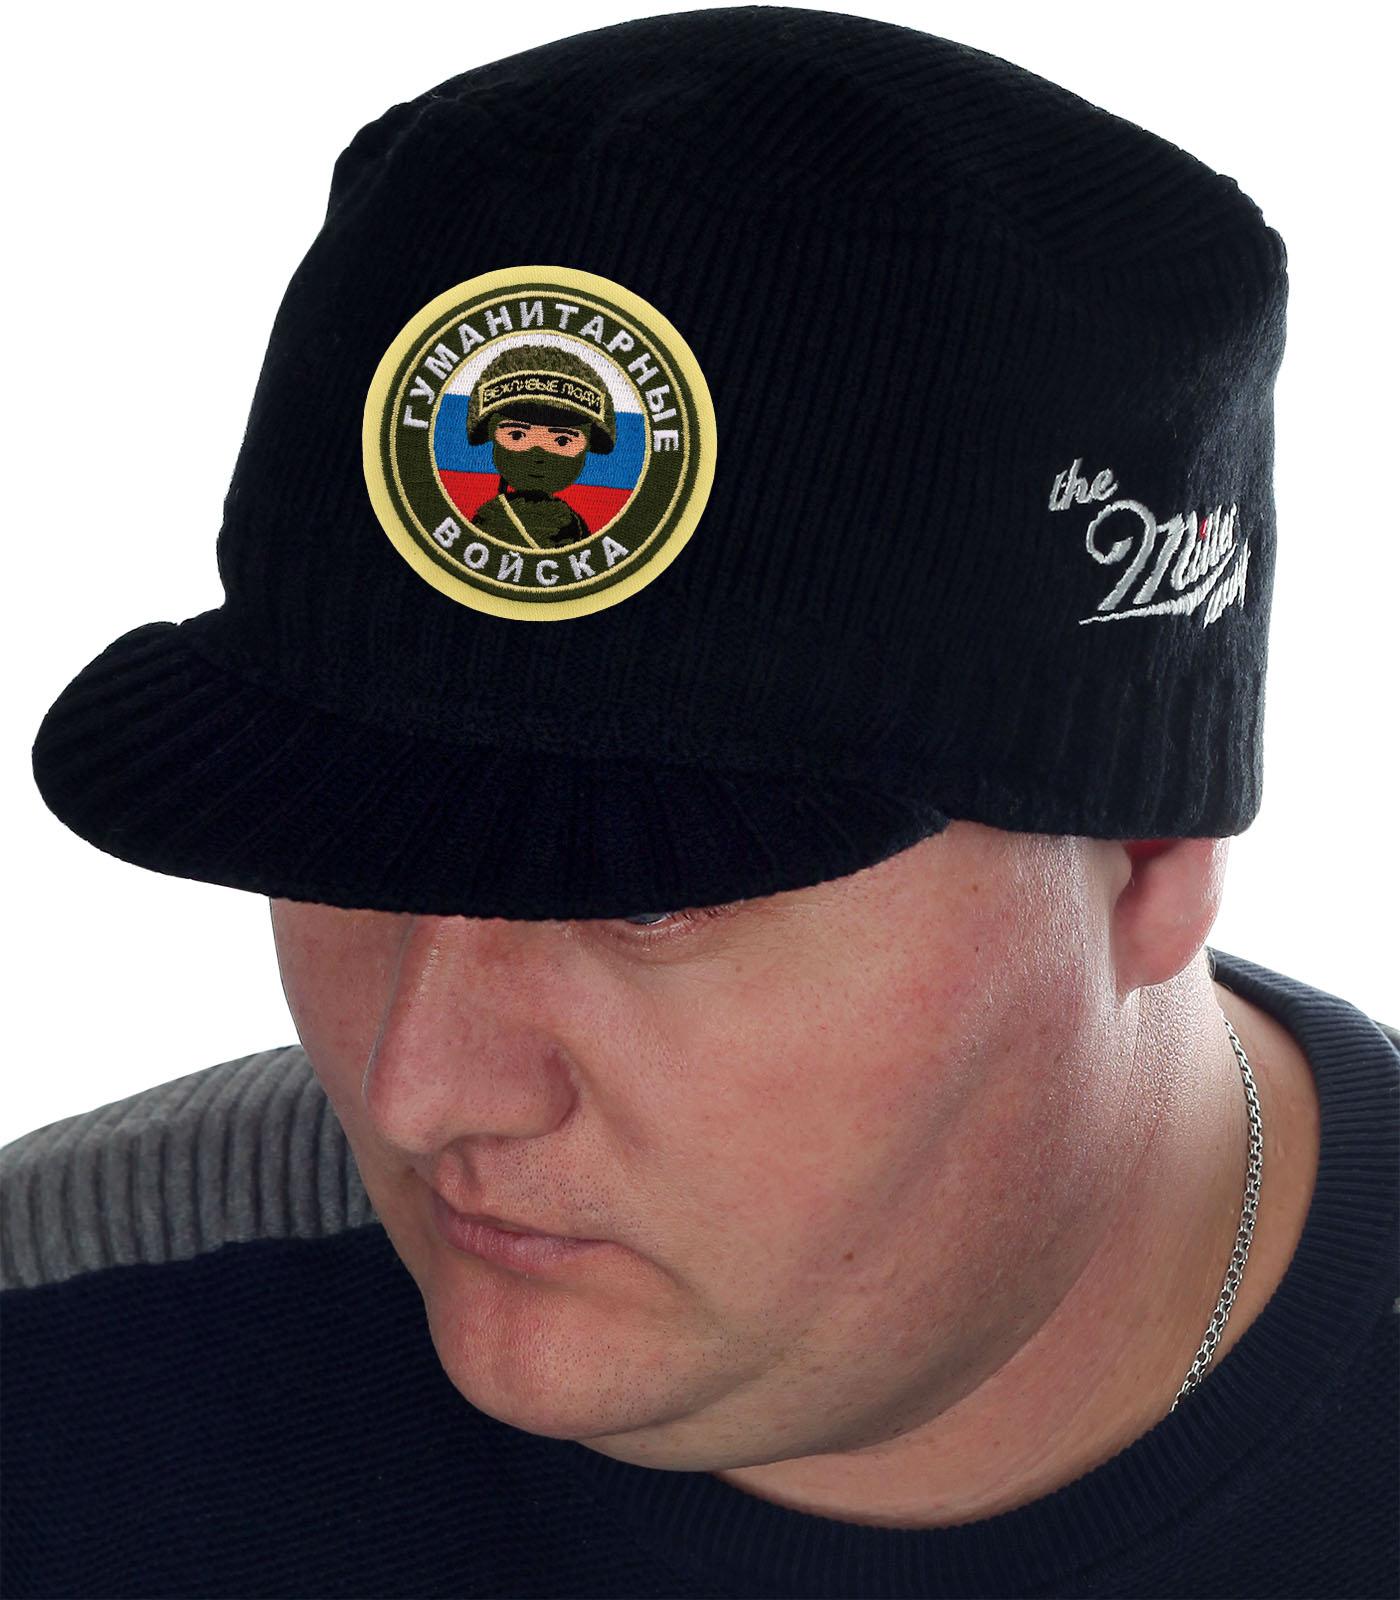 Брендовая вязаная шапка-кепка от Miller Way - купить онлайн